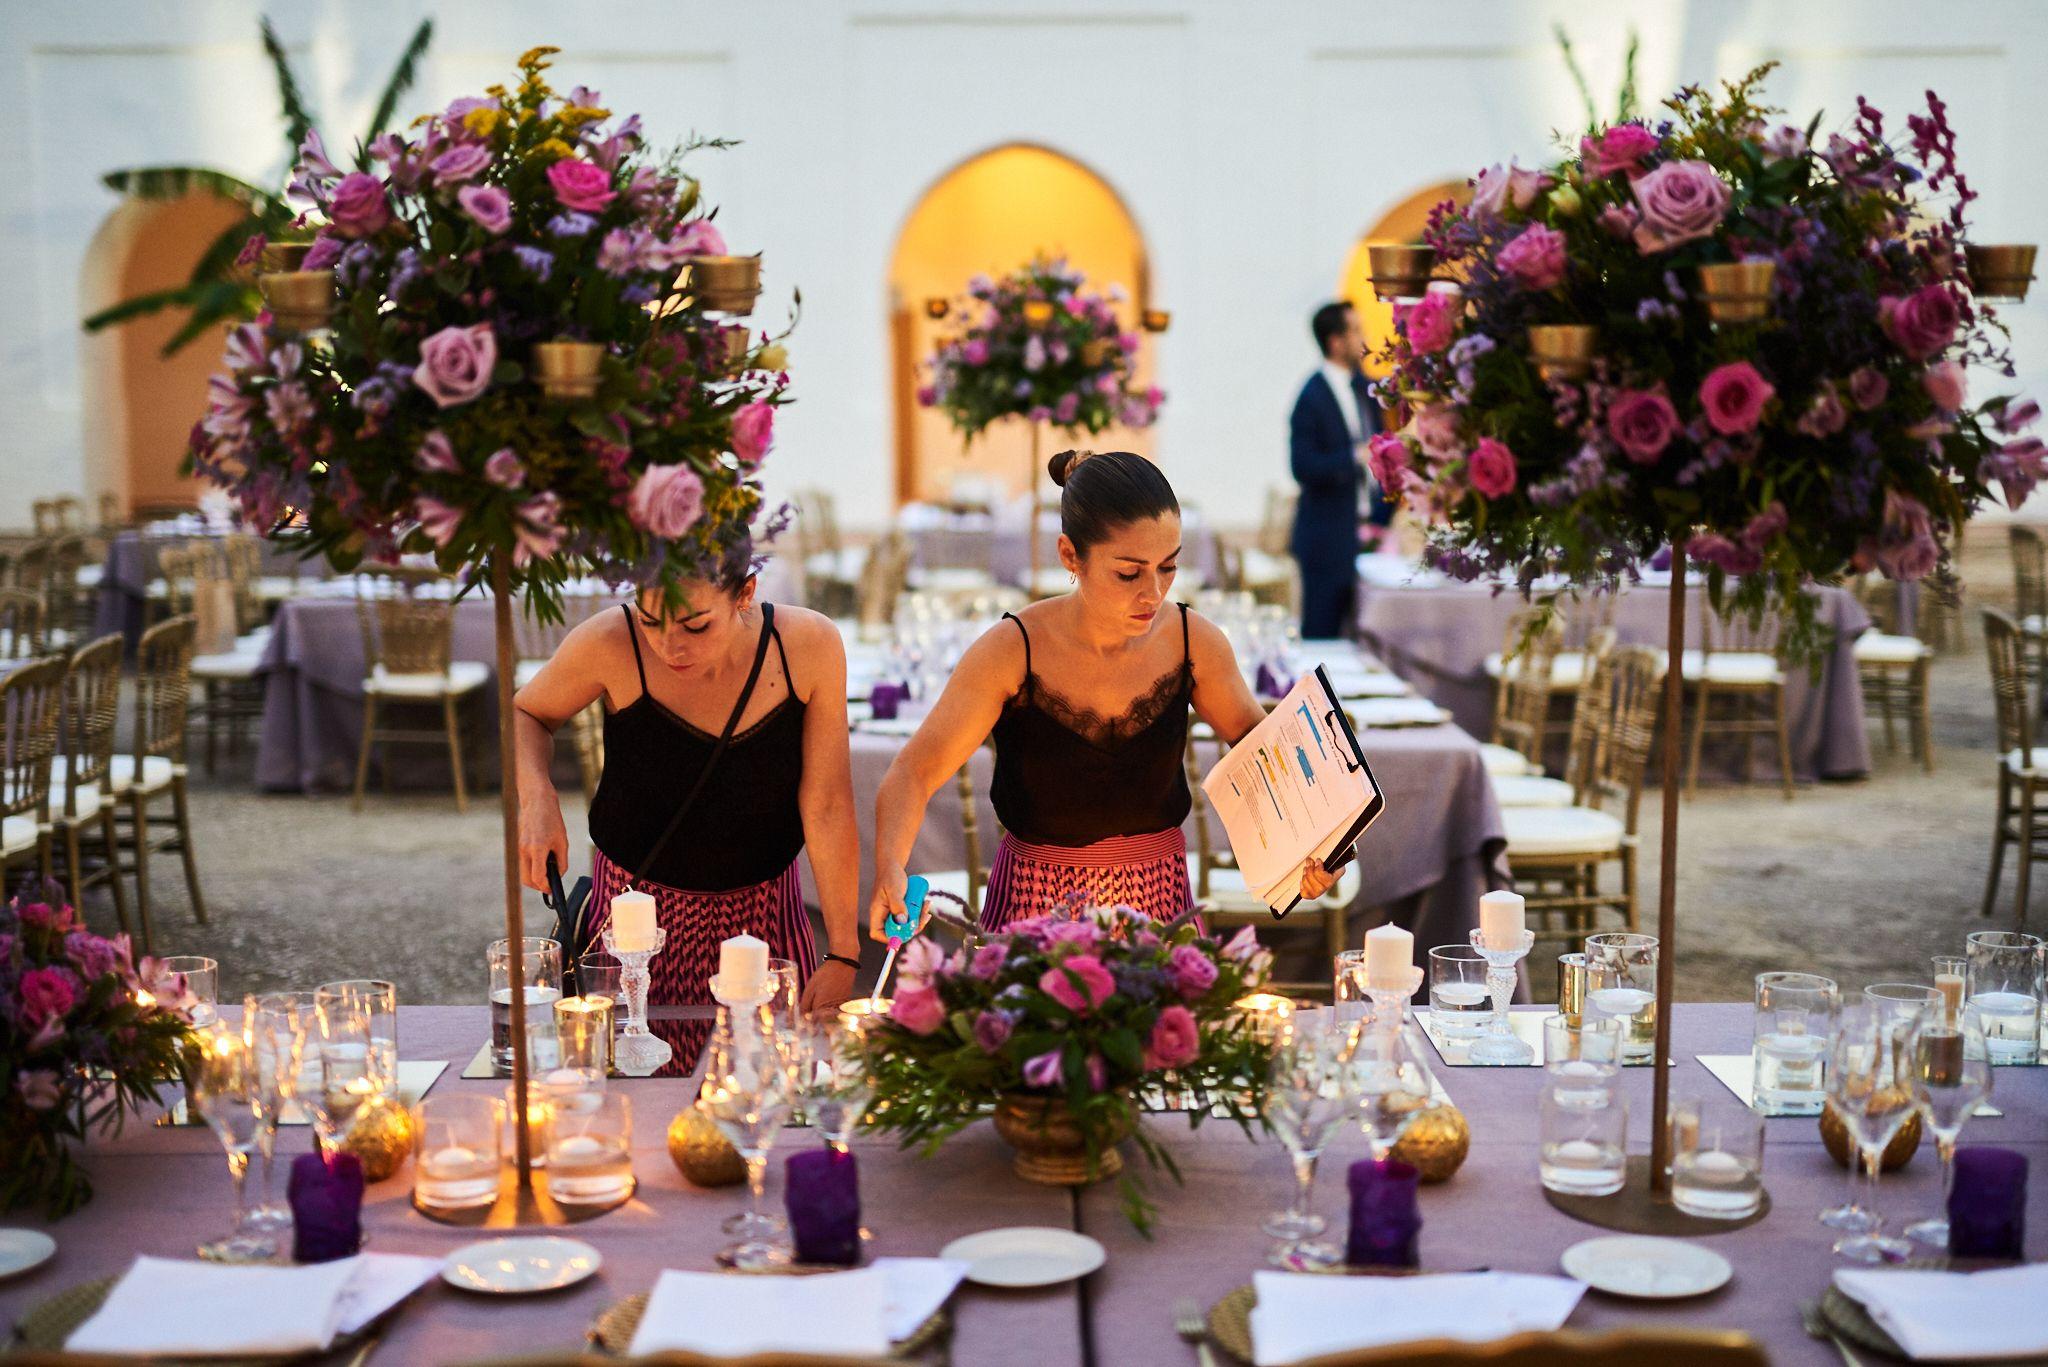 La-22Destination-Wedding22-en-Moguer-de-Lauren-y-JosC3A9-Antonio-JoseAntonio-alejandromarmol2567.jpg